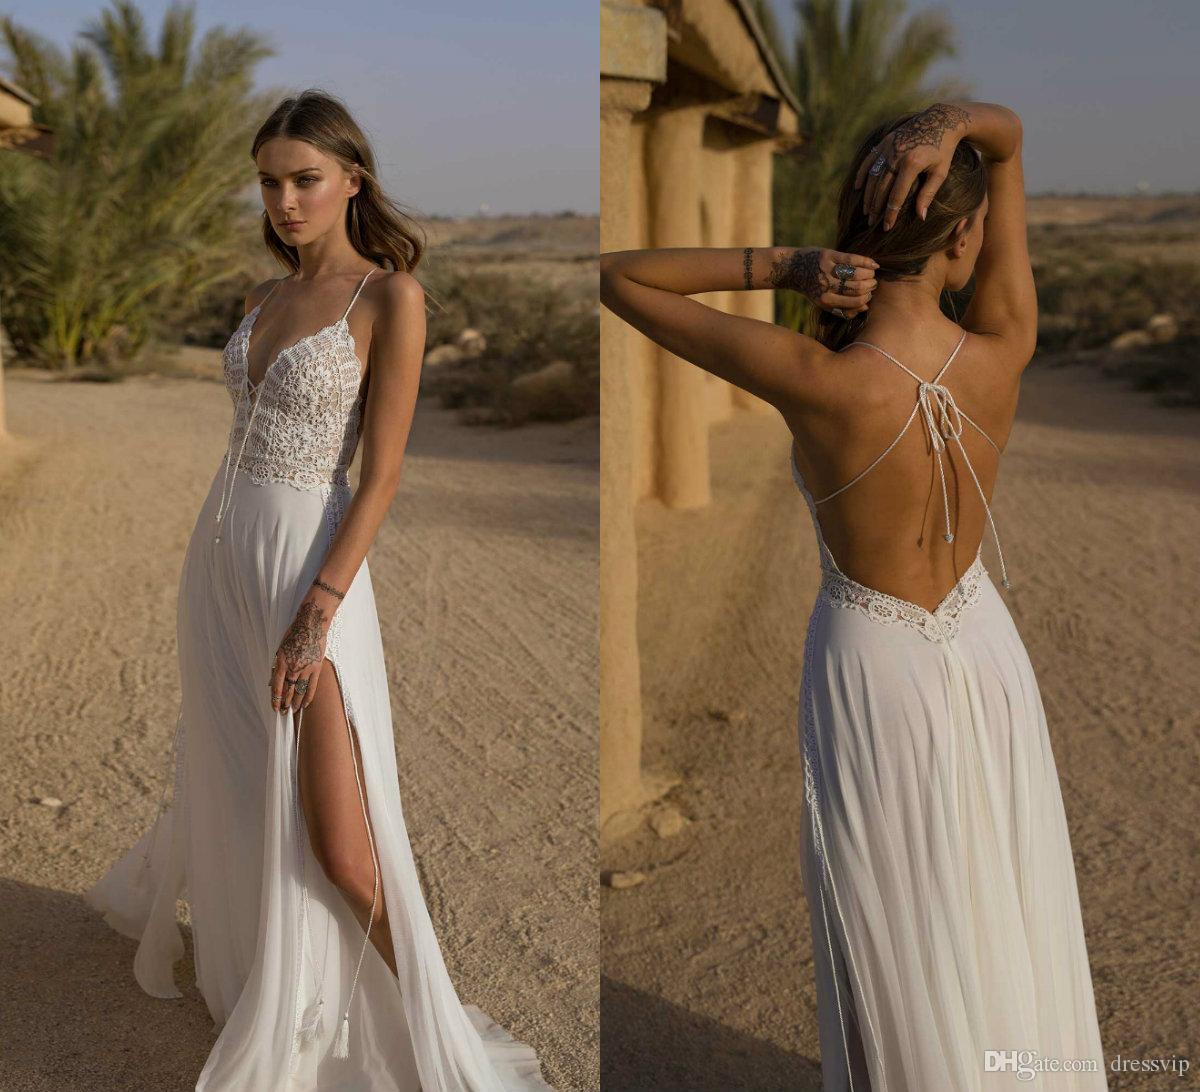 2019 Asaf Dadush vestidos de novia de espagueti de Bohemia de la gasa del cordón de la longitud del piso vestido de novia de verano de la playa barato vestidos de novia sin espalda del traje